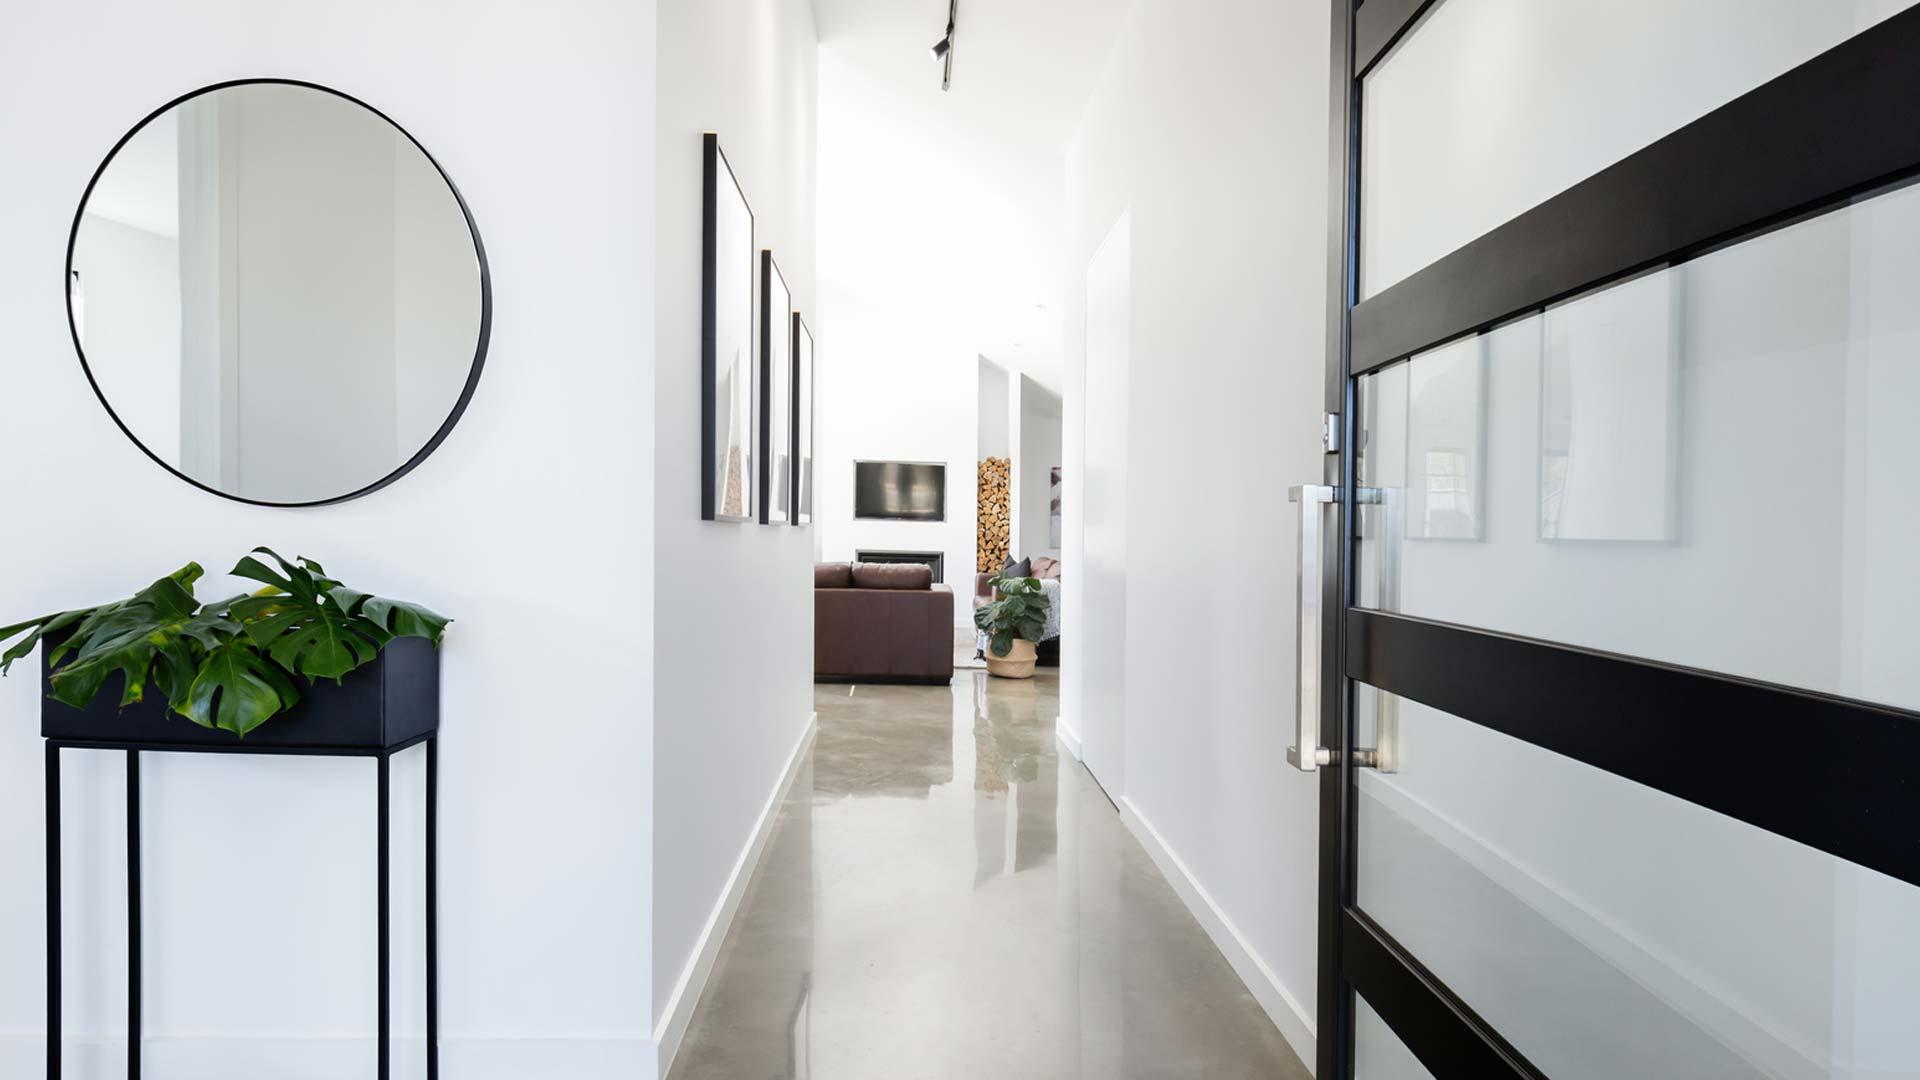 Wohnungsbesichtigung Tipps